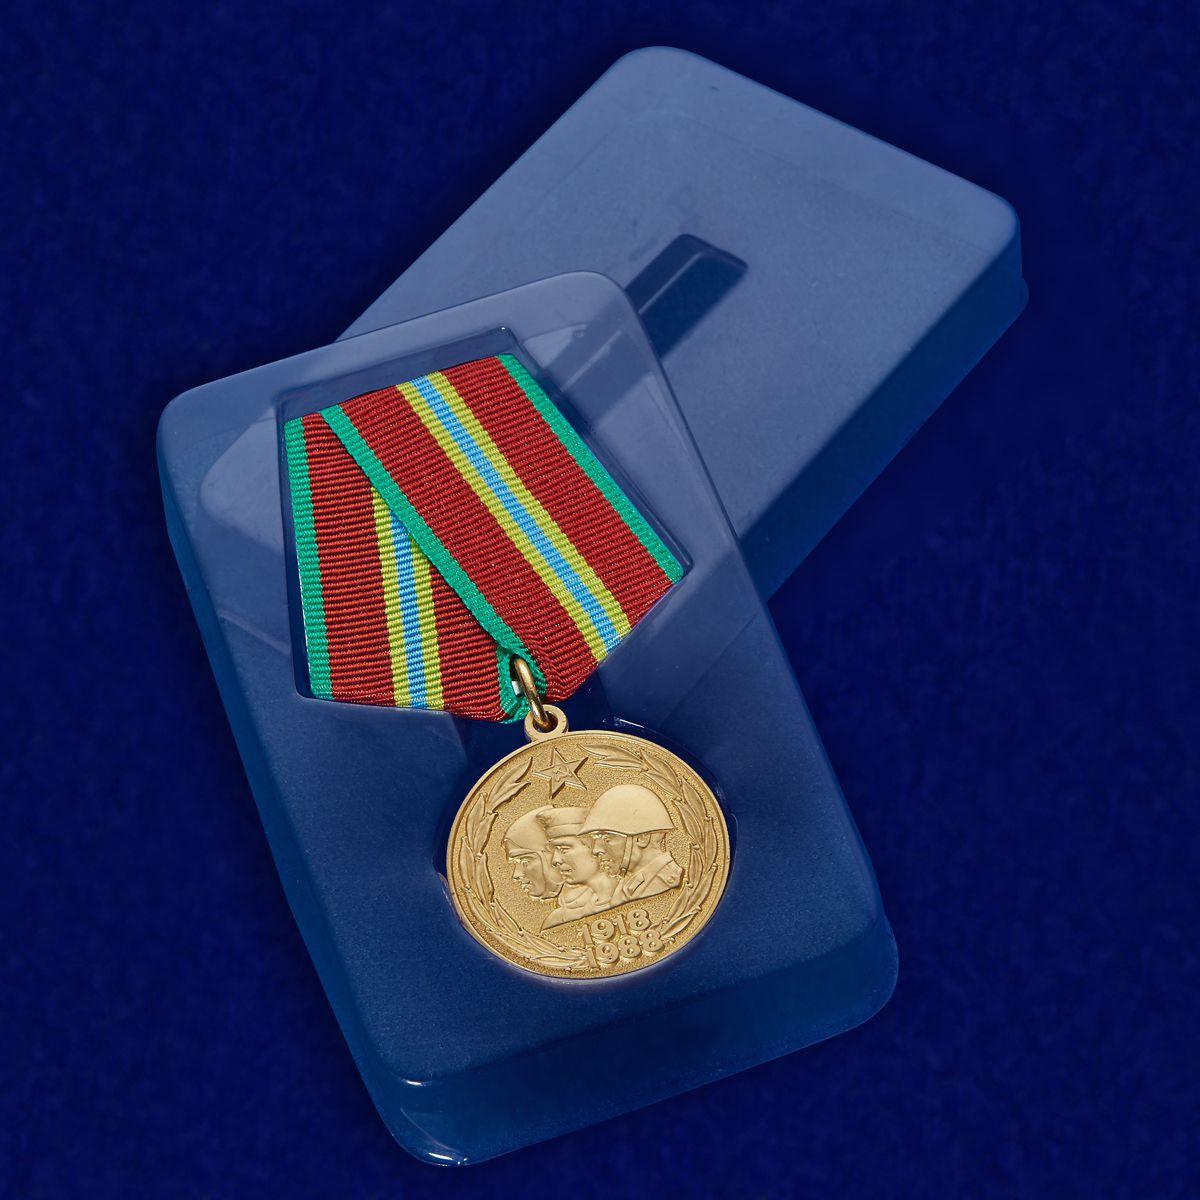 """Юбилейная медаль """"70 лет Вооружённых Сил СССР"""" в футляре"""